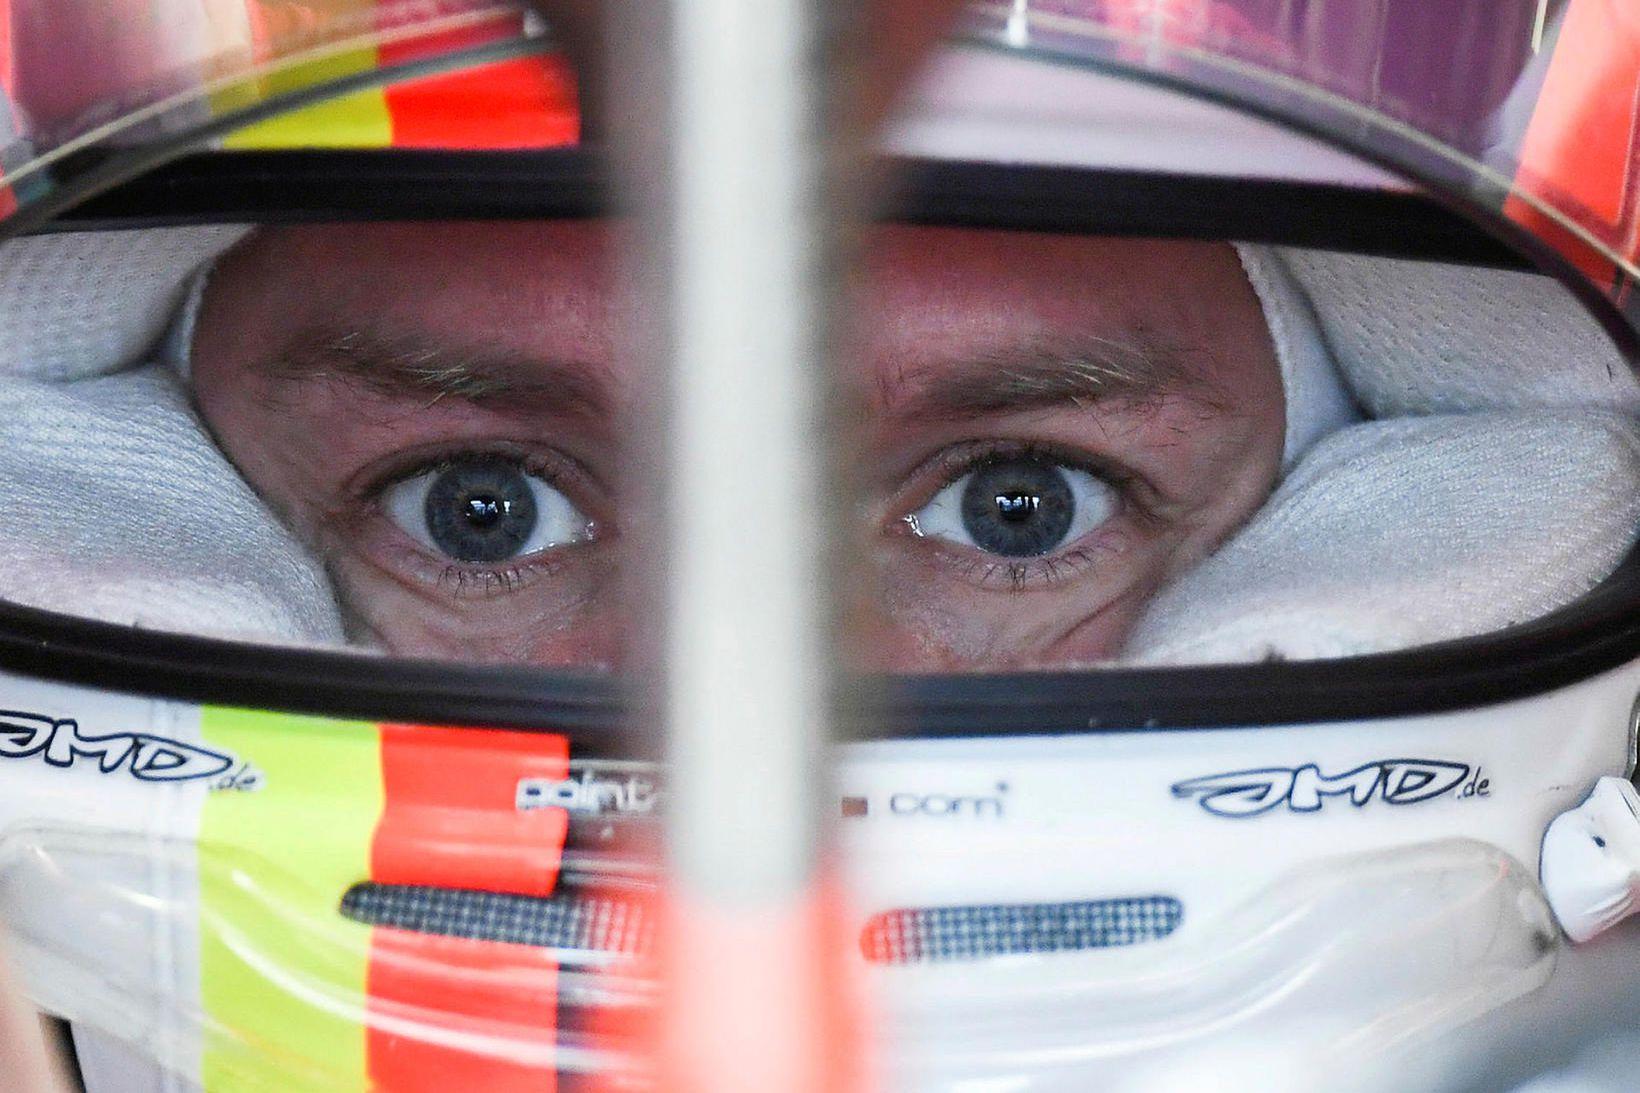 Sebastian Vettel einbeittur á svip í bíl sínum milli aksturslota …